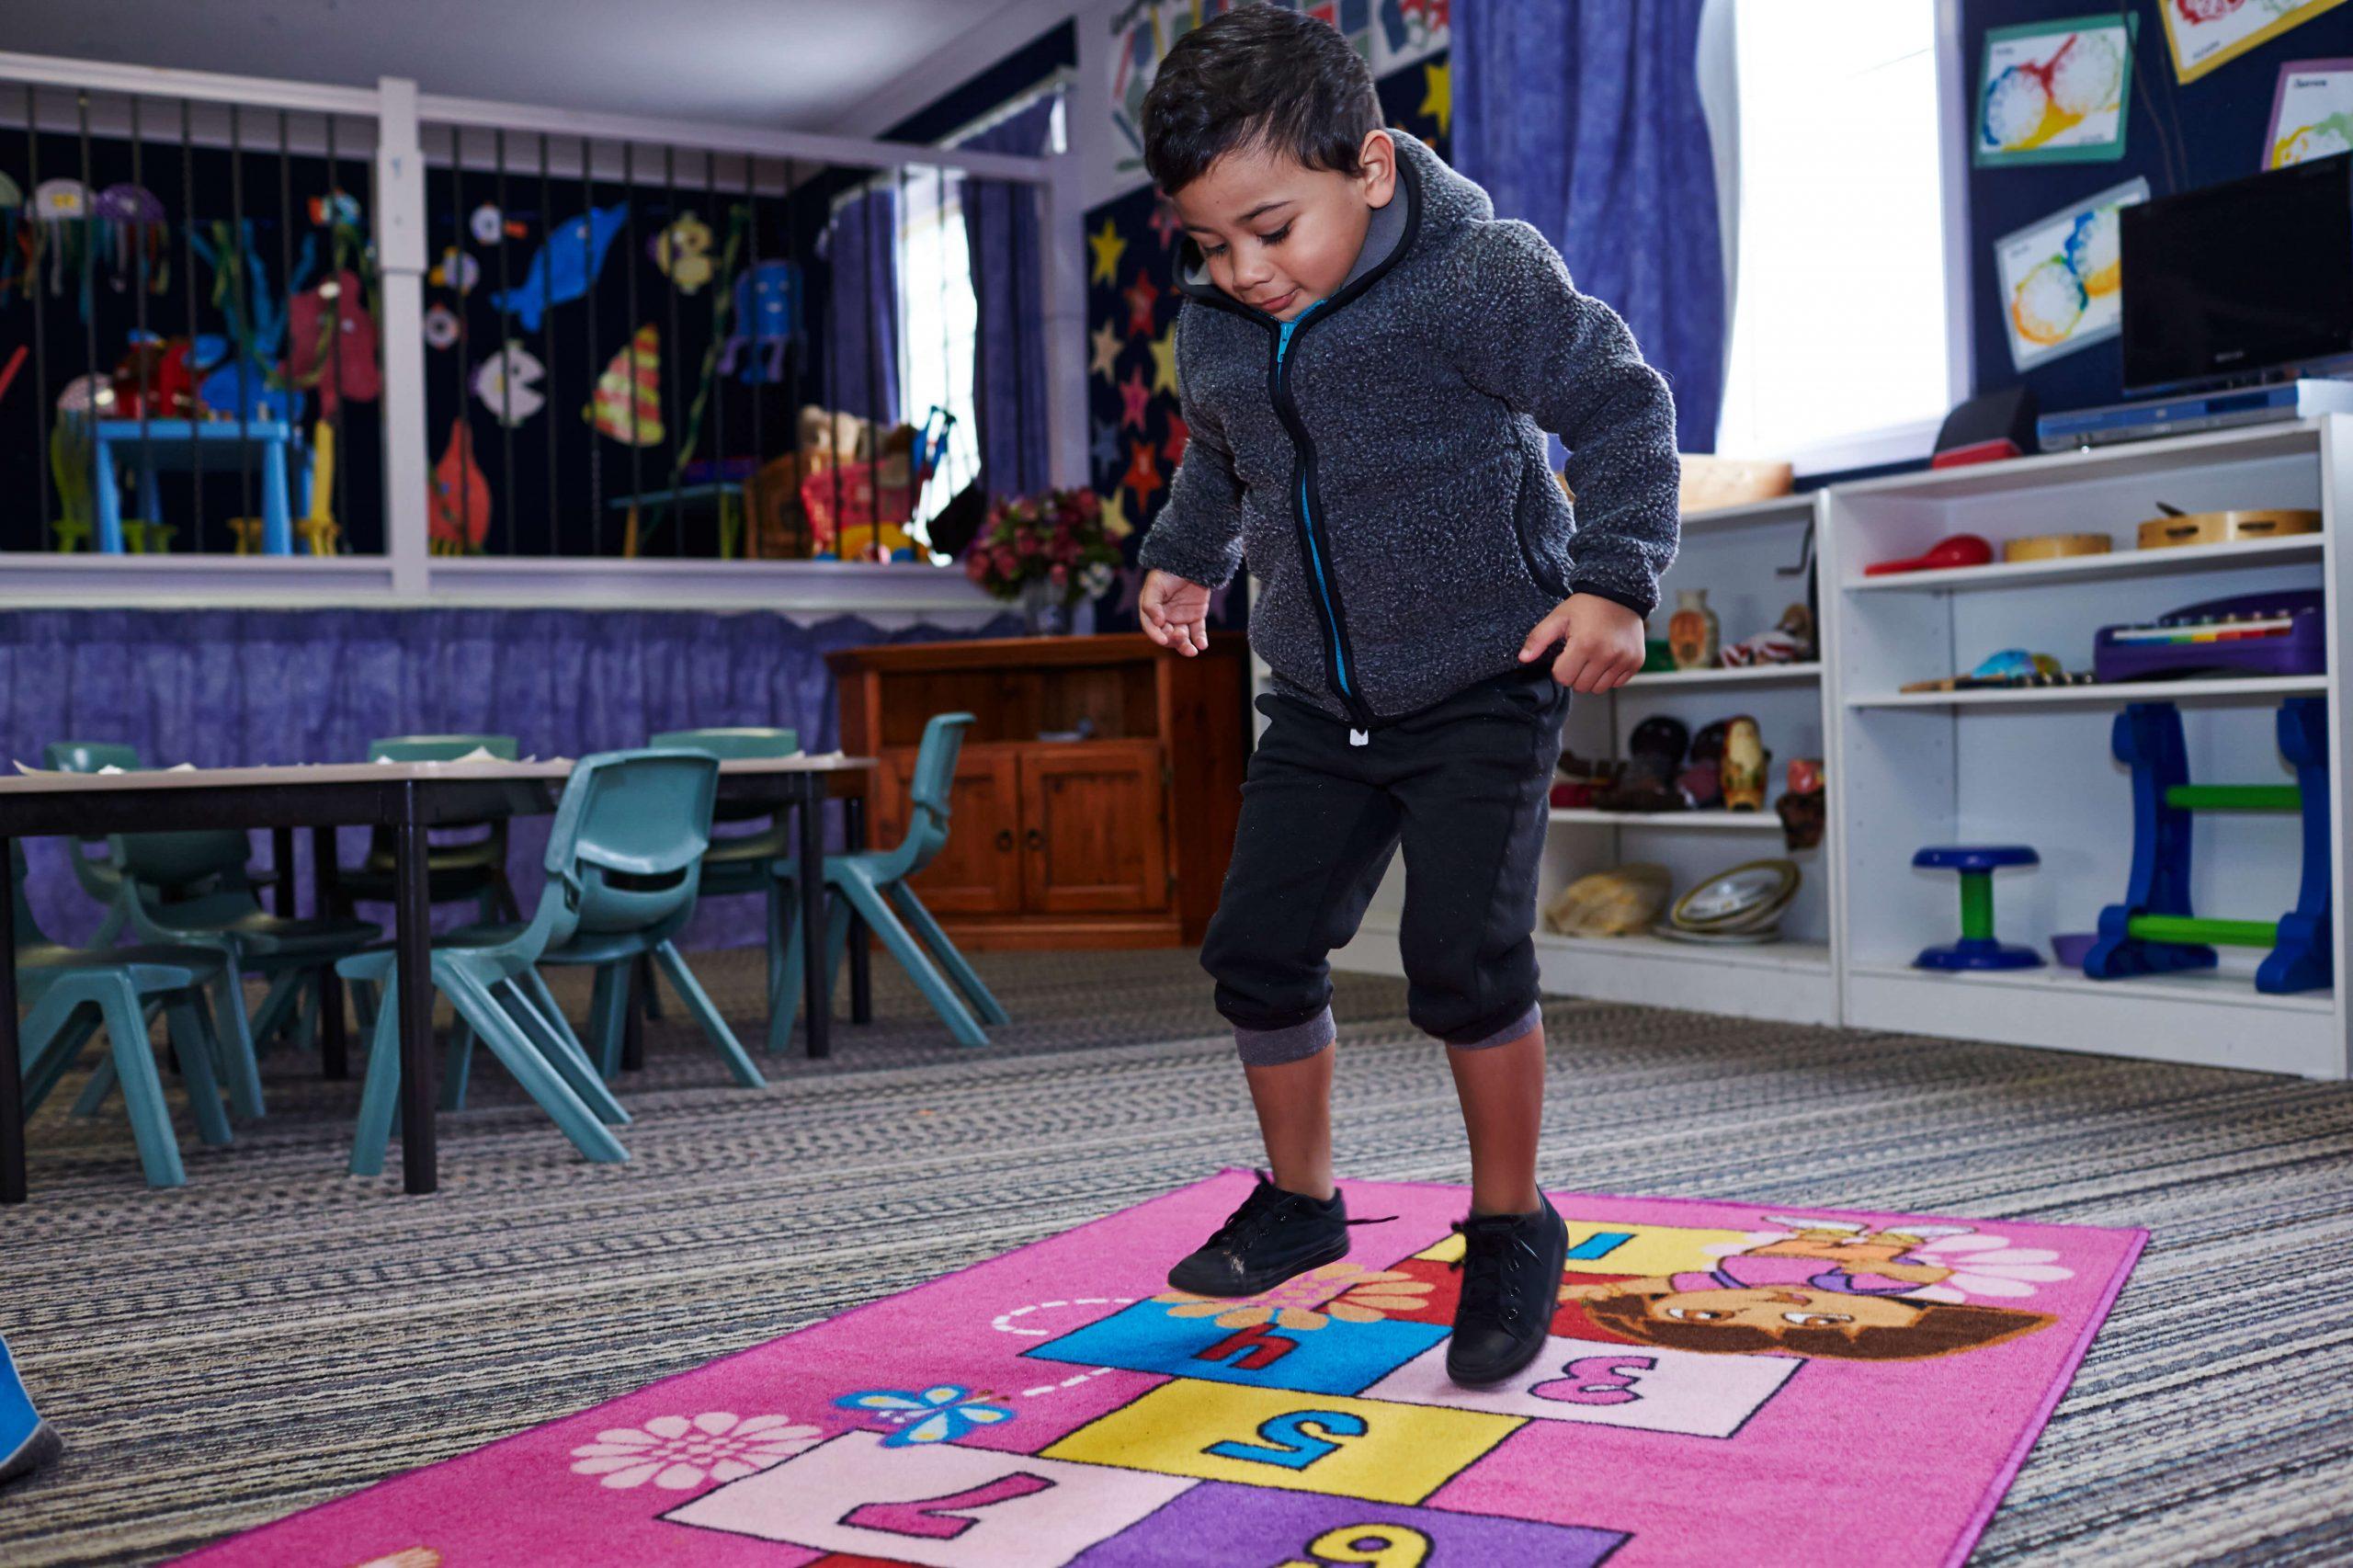 Boy doing hopscotch